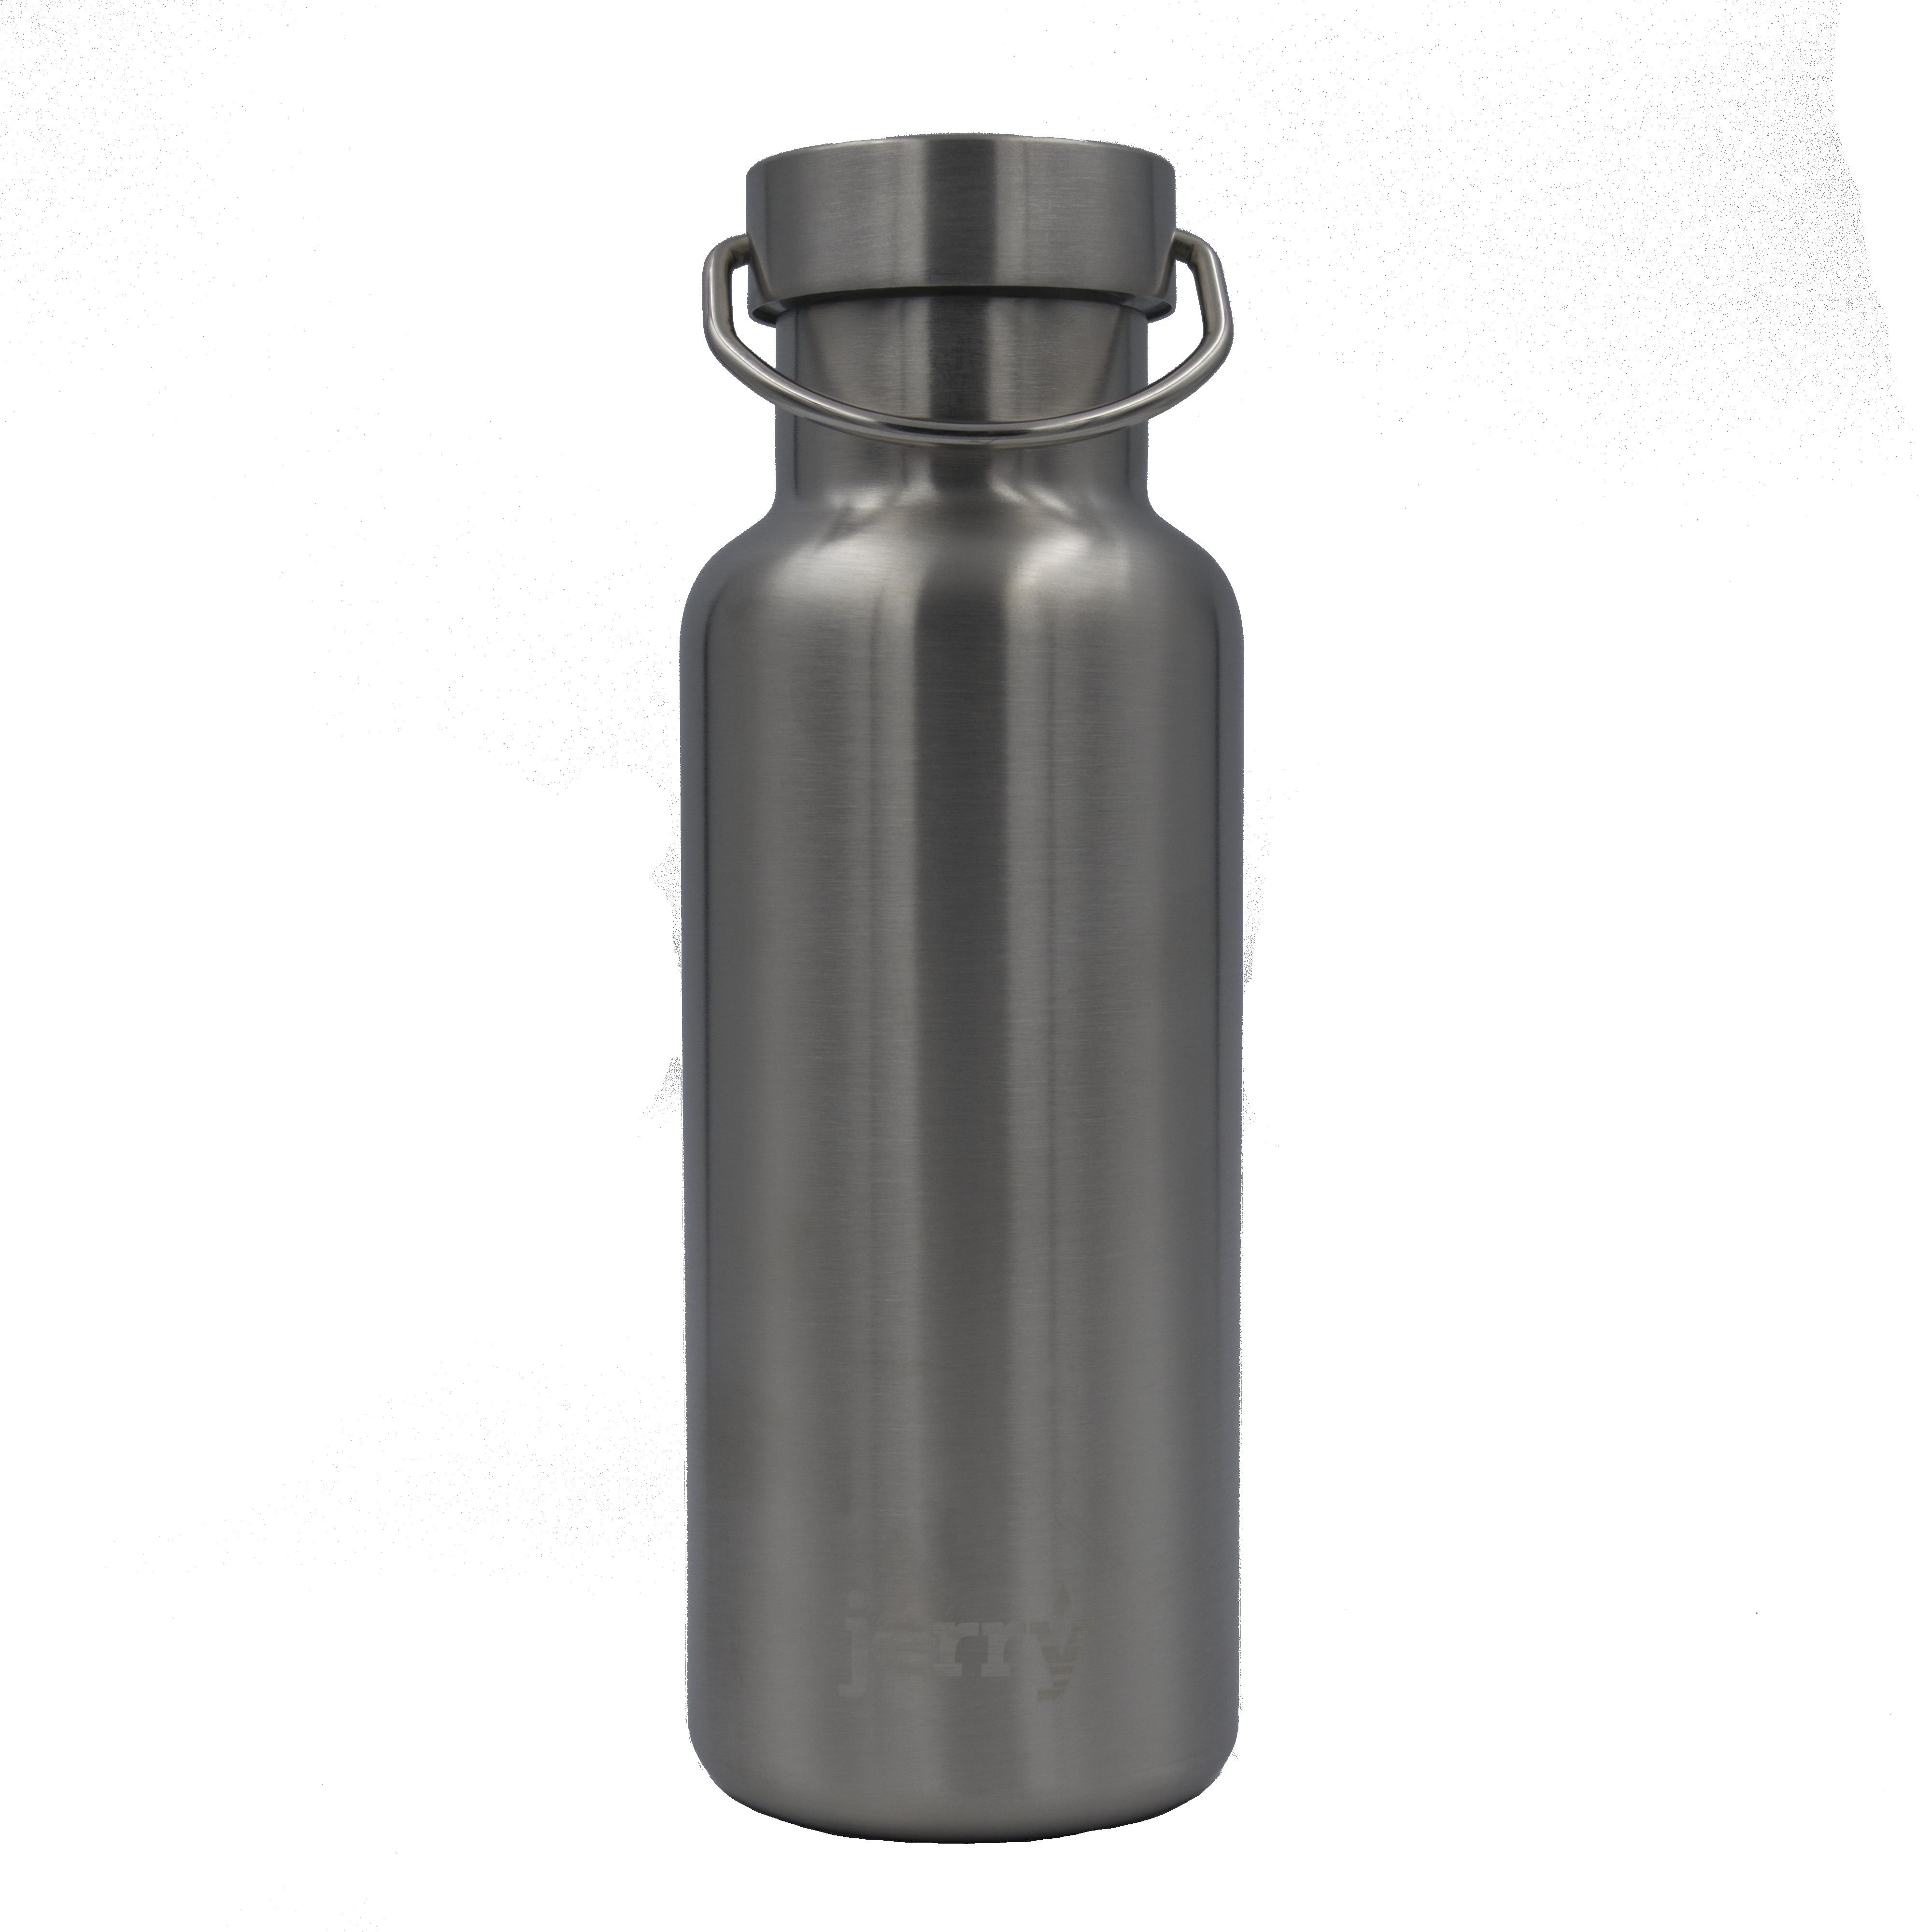 550ml Stainless Double Wall Steel Water Bottle,Matt Finished.